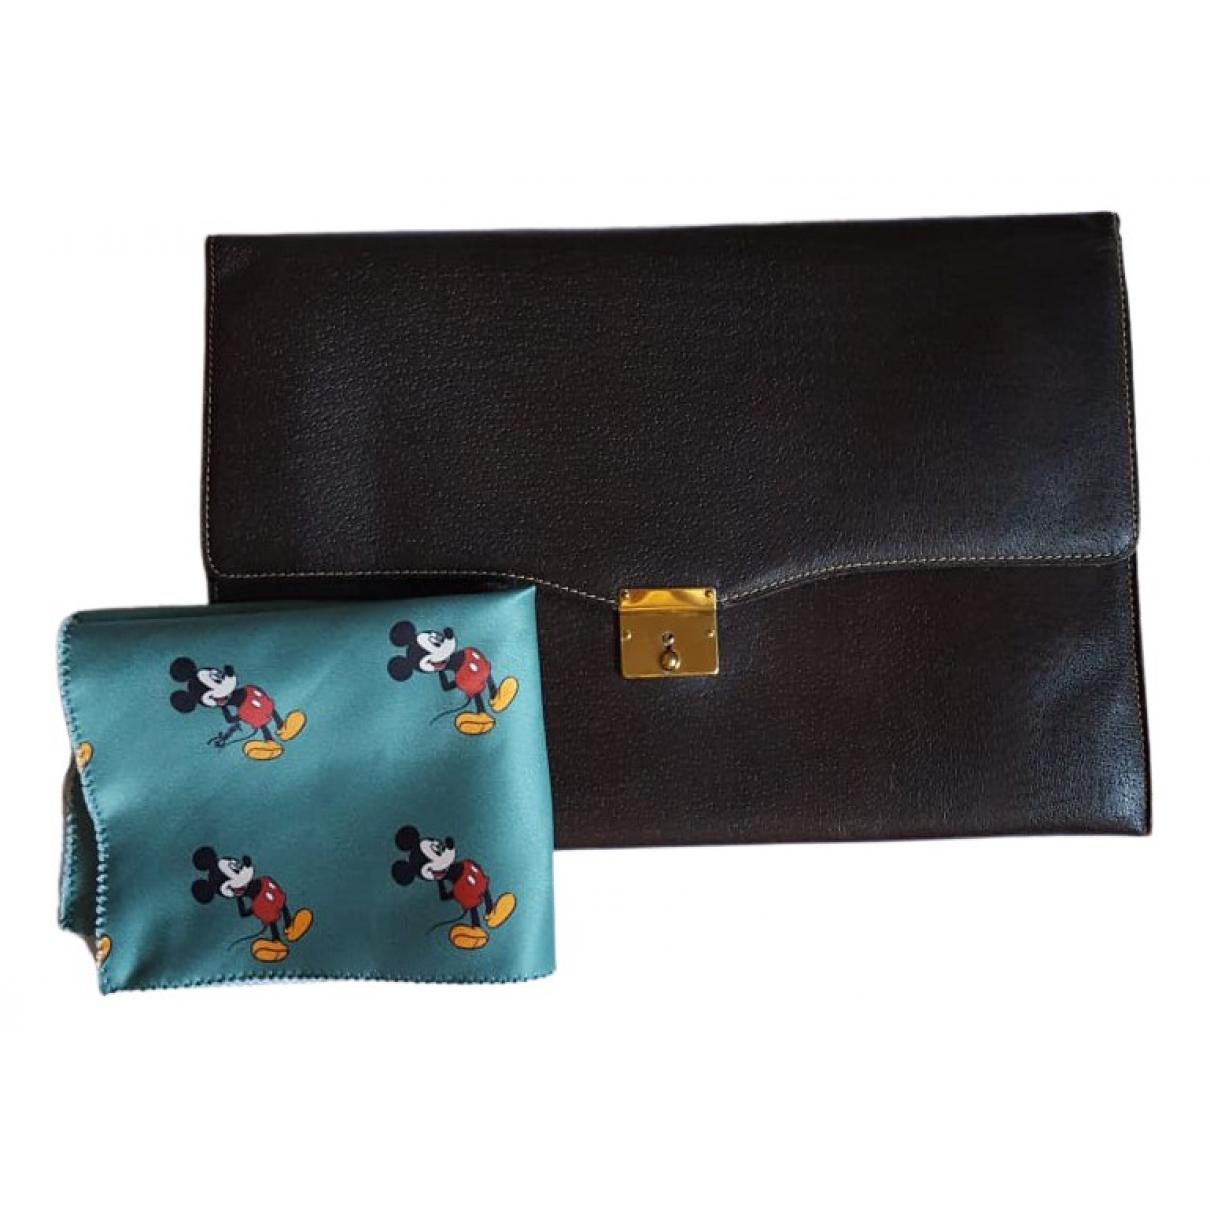 Gucci - Pochette   pour femme en cuir - noir